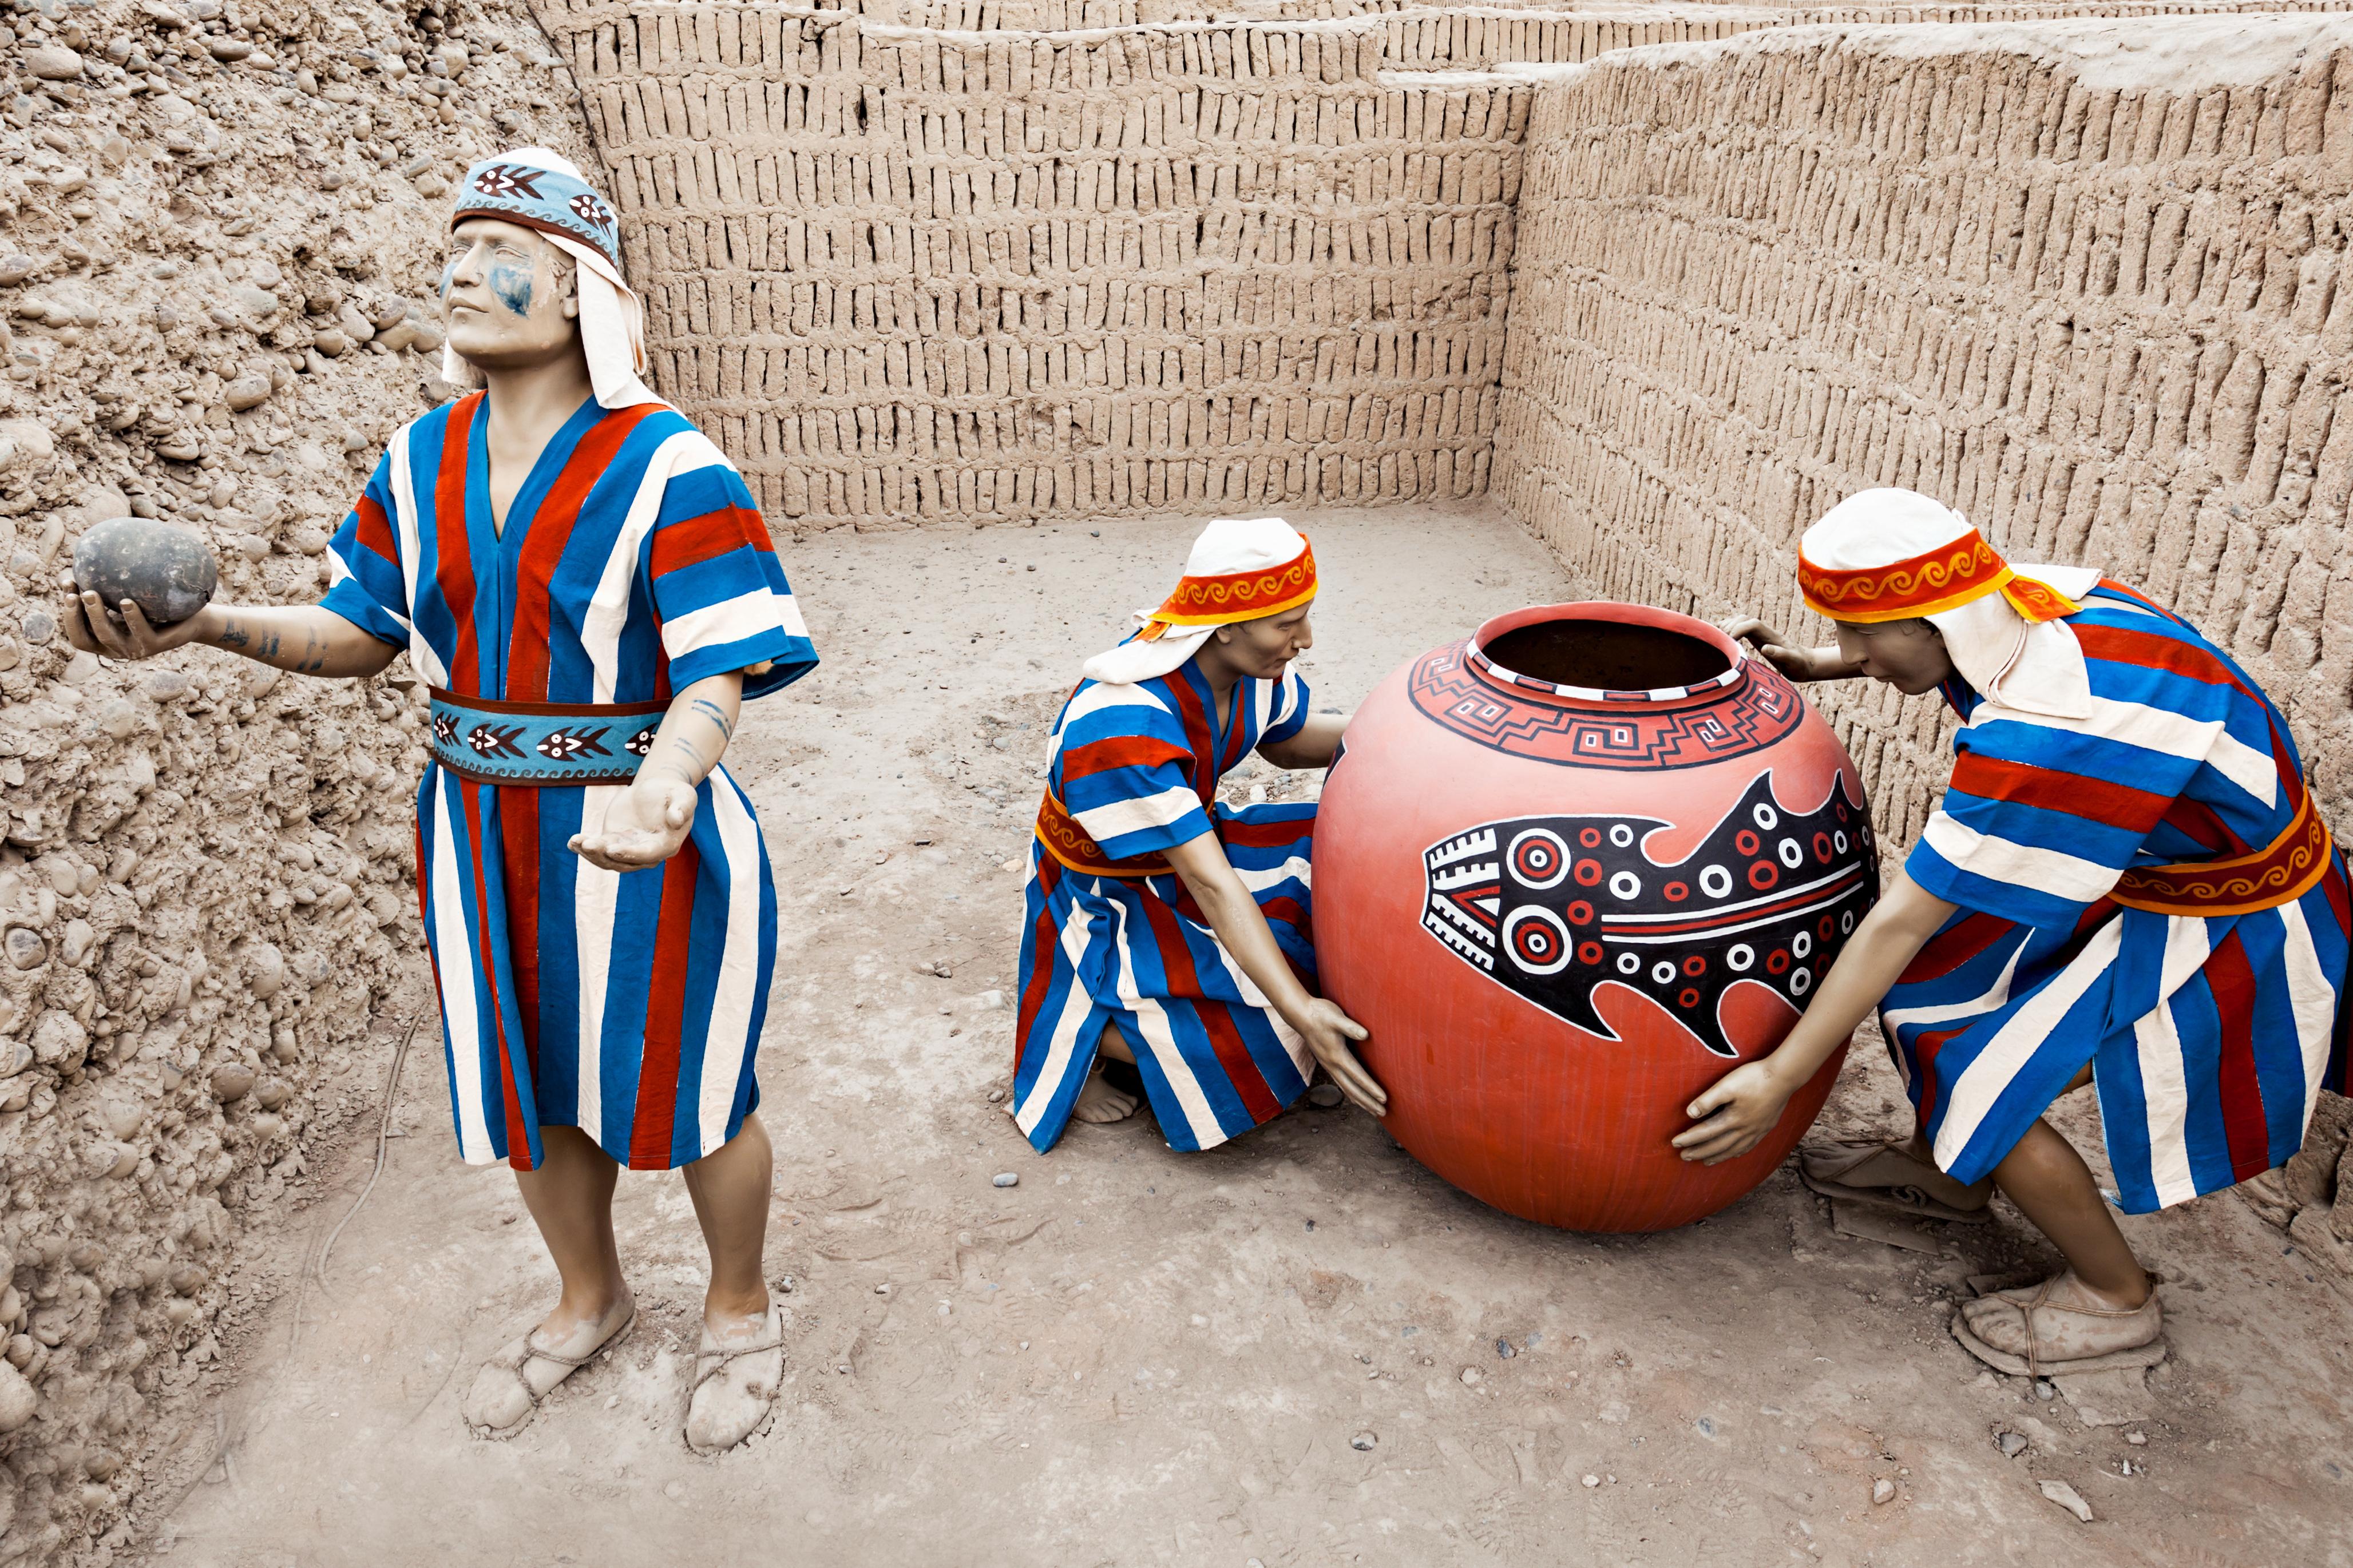 Los antiguos sepulcros indios, Huaca Pucllana o Juliana - Perú Gran Viaje Perú Irresistible